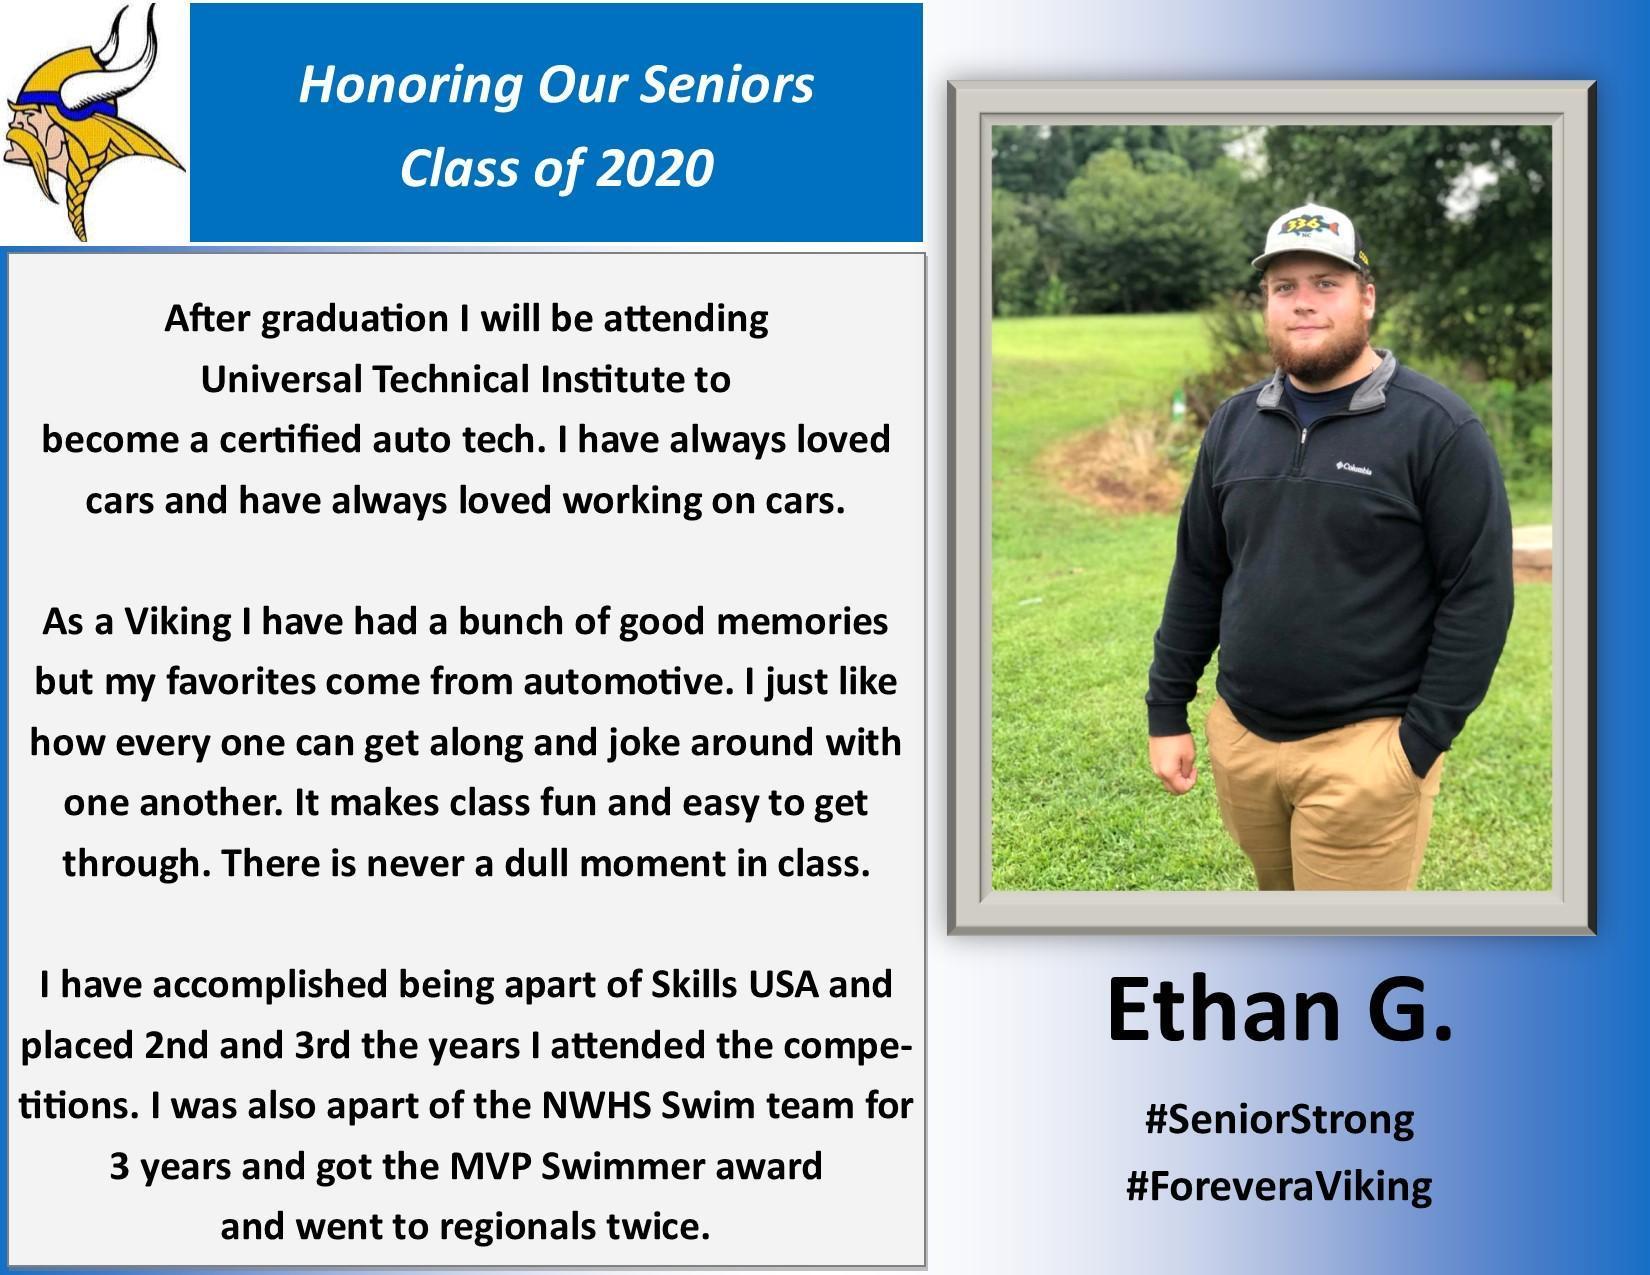 Ethan G